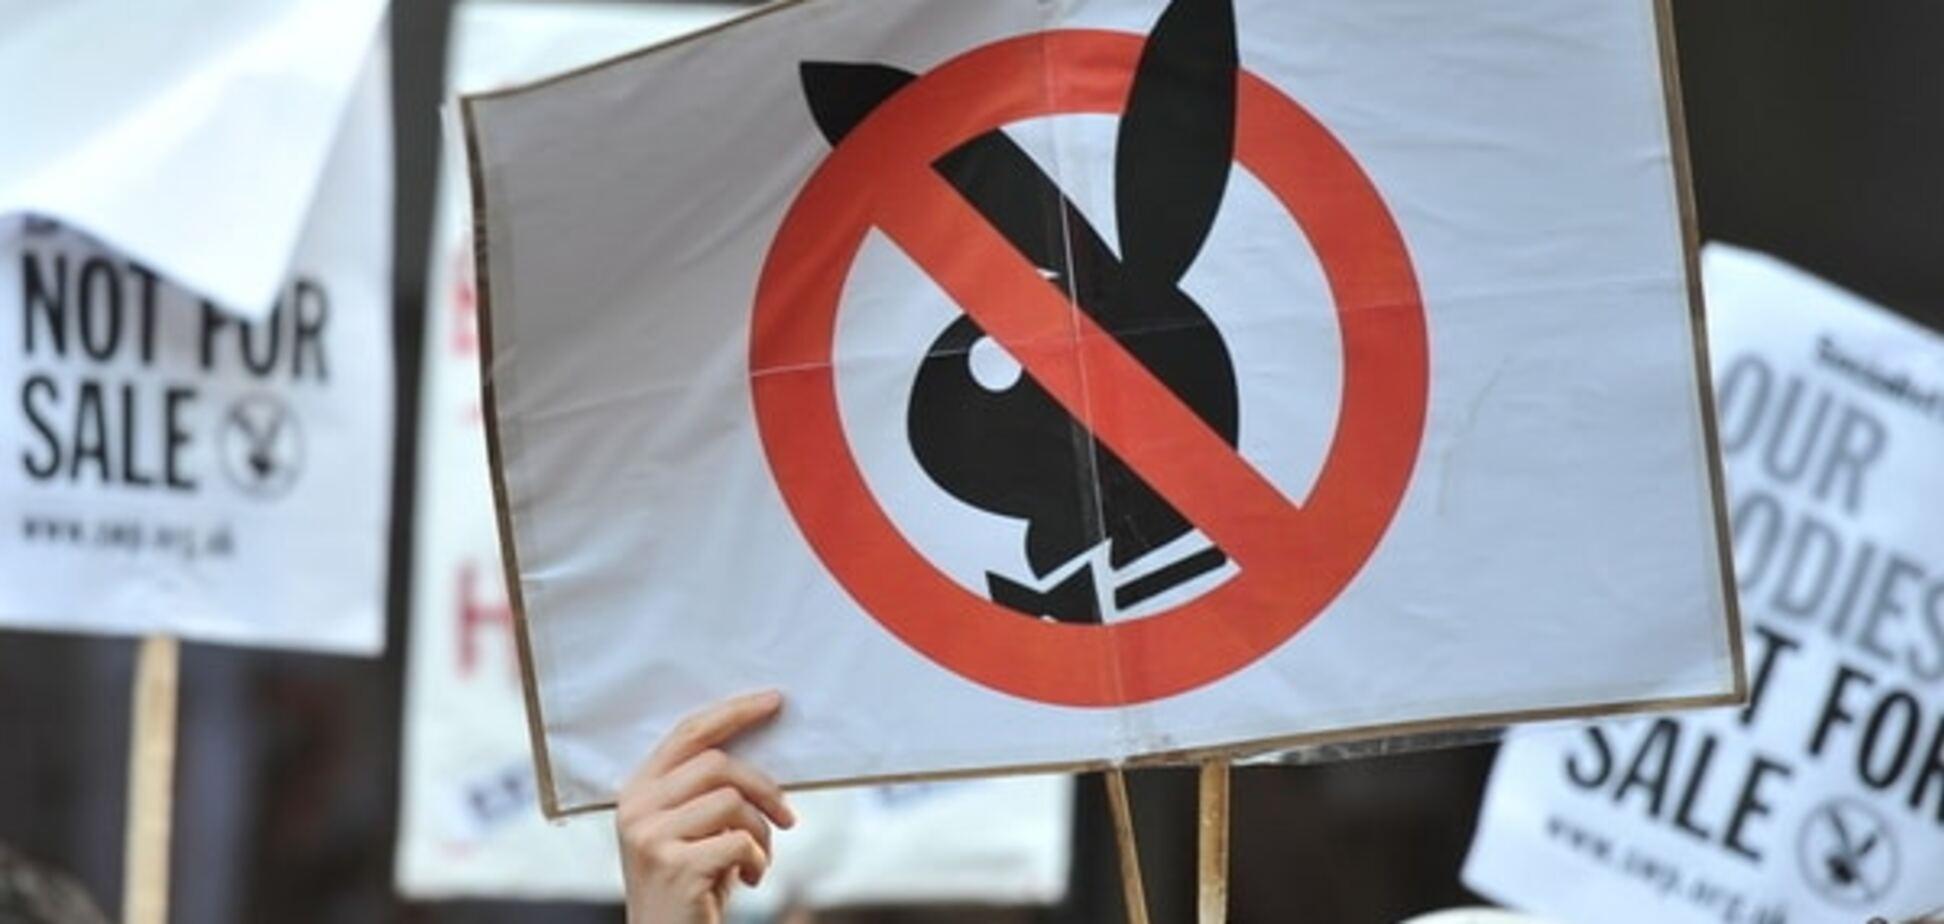 Прощайте, красотки: Playboy перестает печатать фото обнаженных девушек